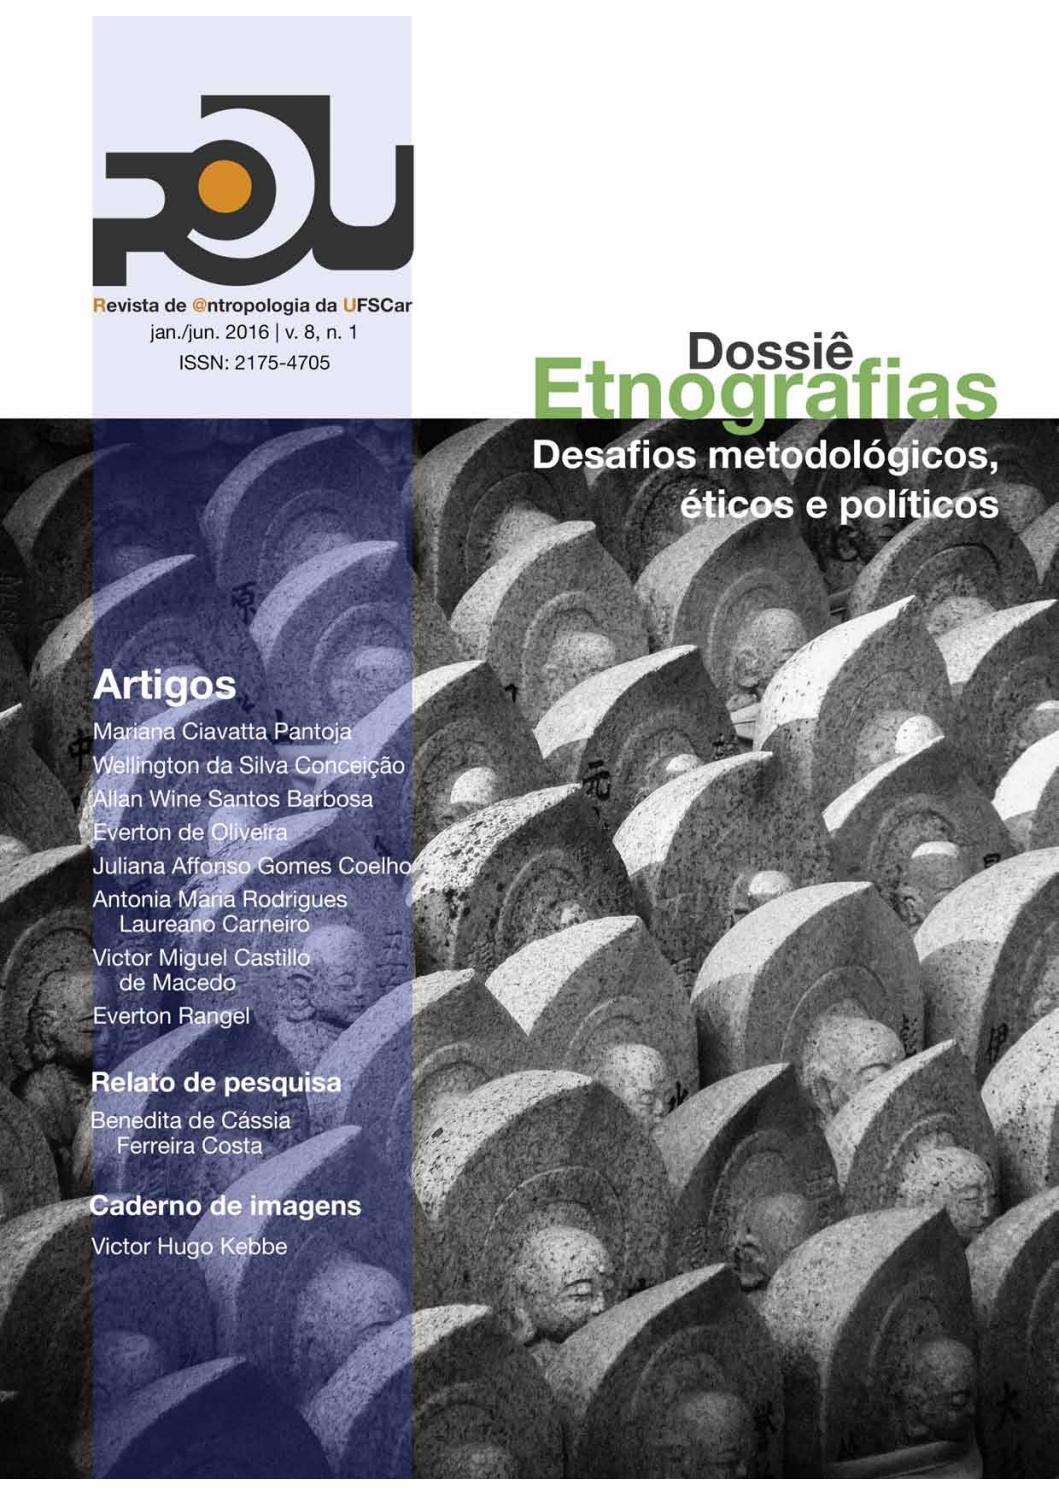 R U Vol.8, No.1 Dossiê Etnografias  Desafios metodológicos, éticos e  políticos by R U PPGAS UFSCAR - issuu 099023a861